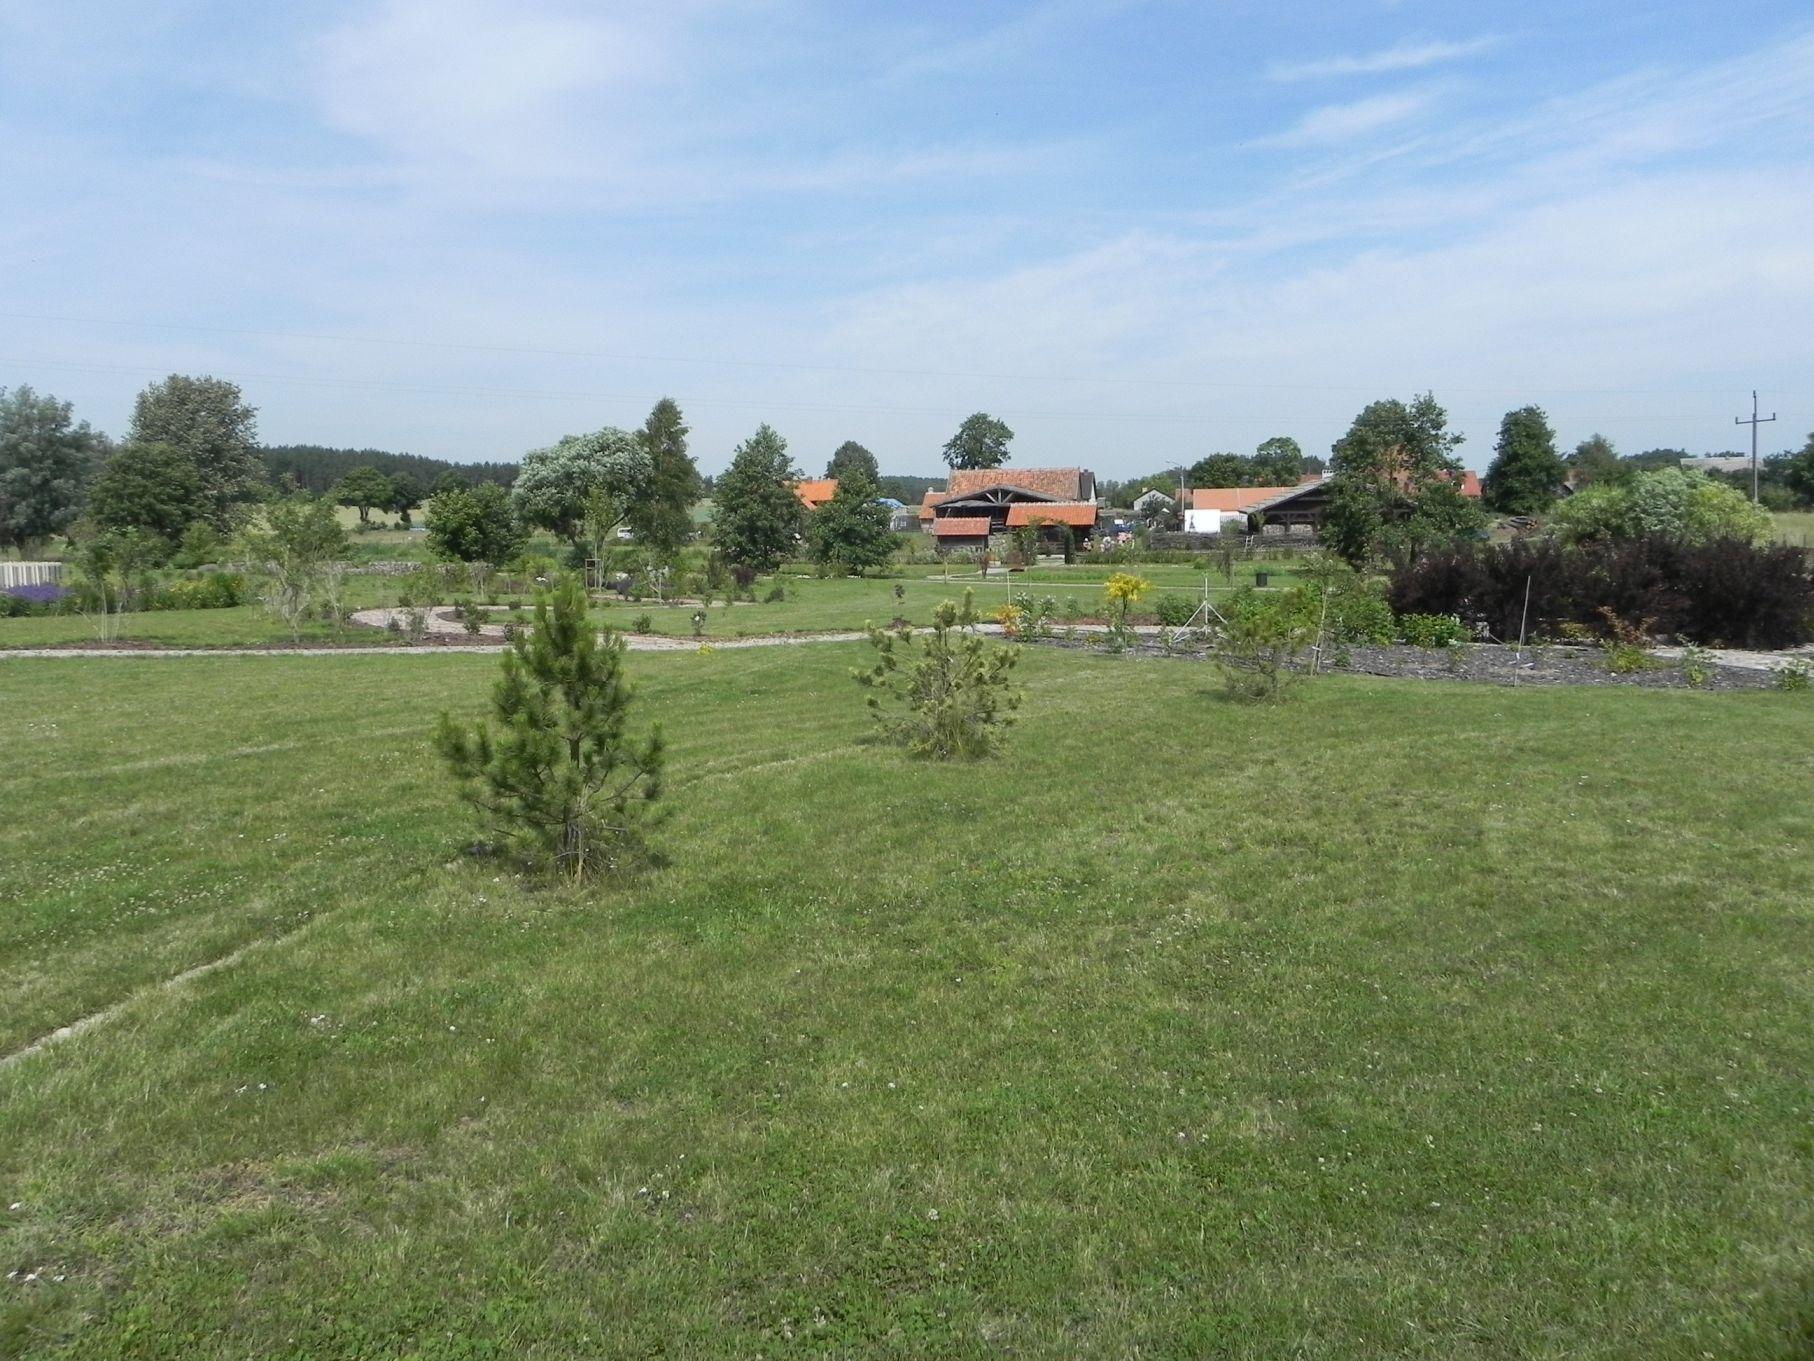 Kamionka - wioski tematyczne (36)